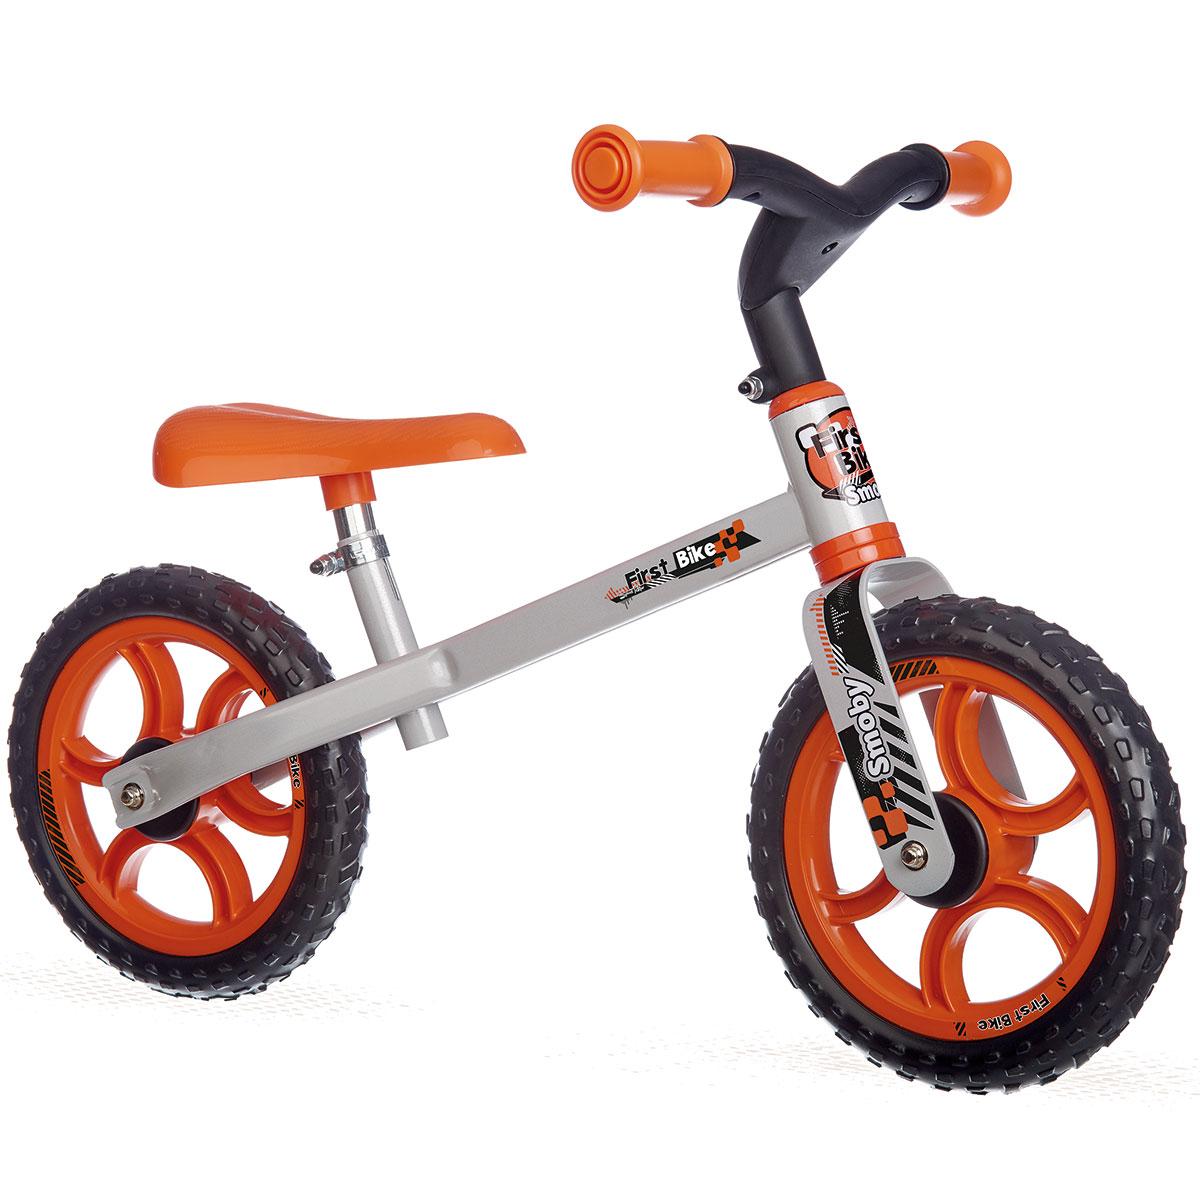 Billede af Løbecykel - Smoby - Orange